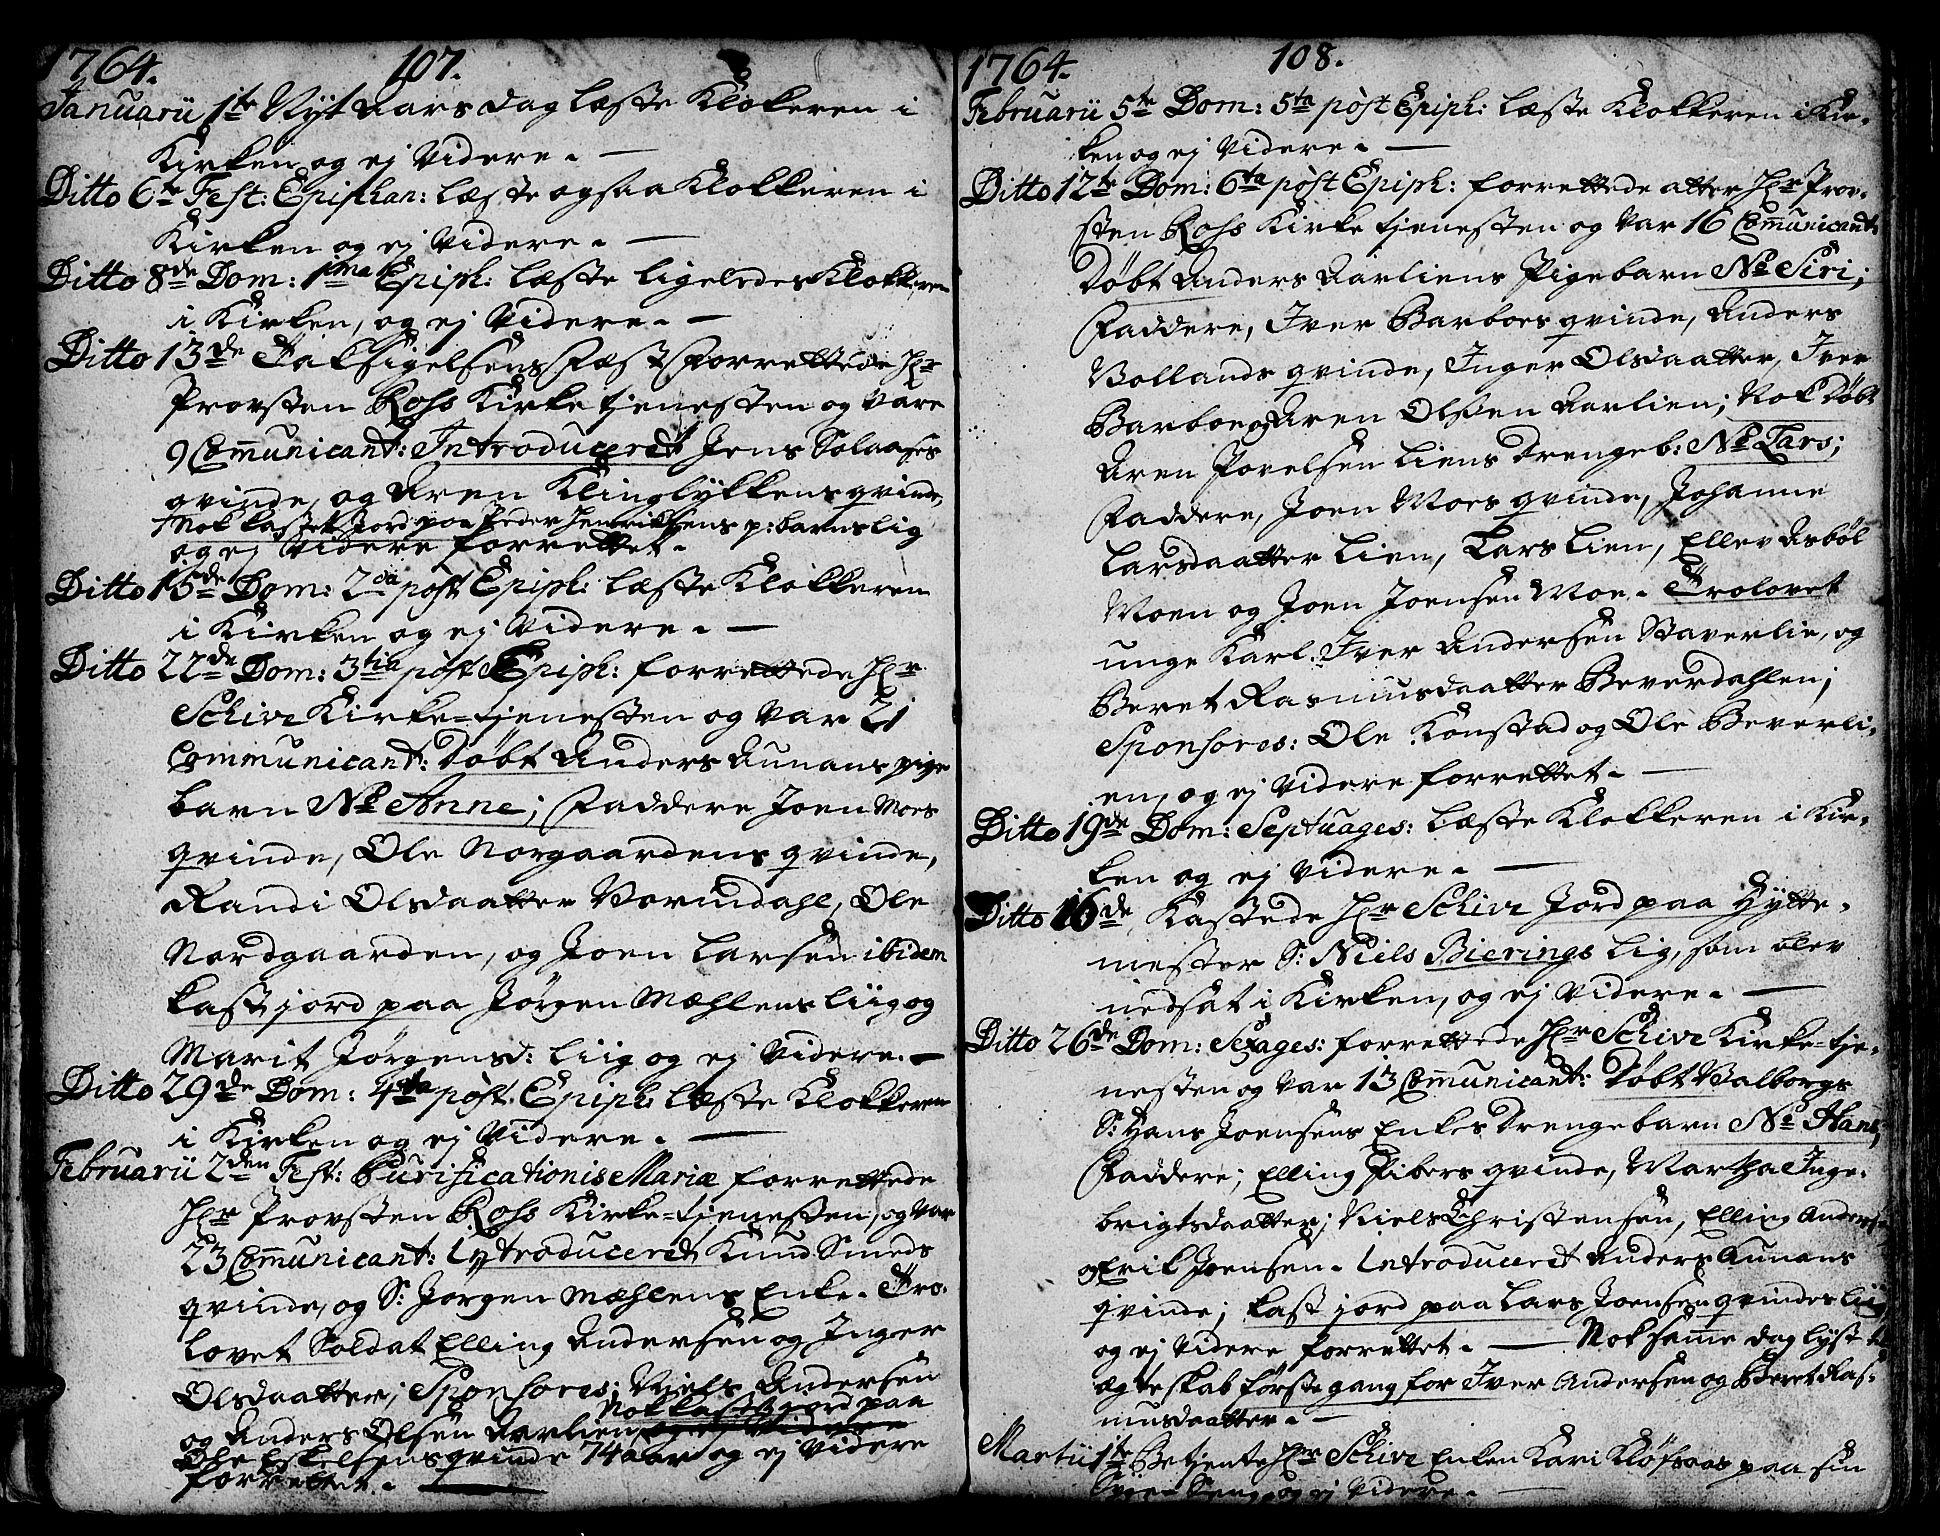 SAT, Ministerialprotokoller, klokkerbøker og fødselsregistre - Sør-Trøndelag, 671/L0840: Ministerialbok nr. 671A02, 1756-1794, s. 107-108